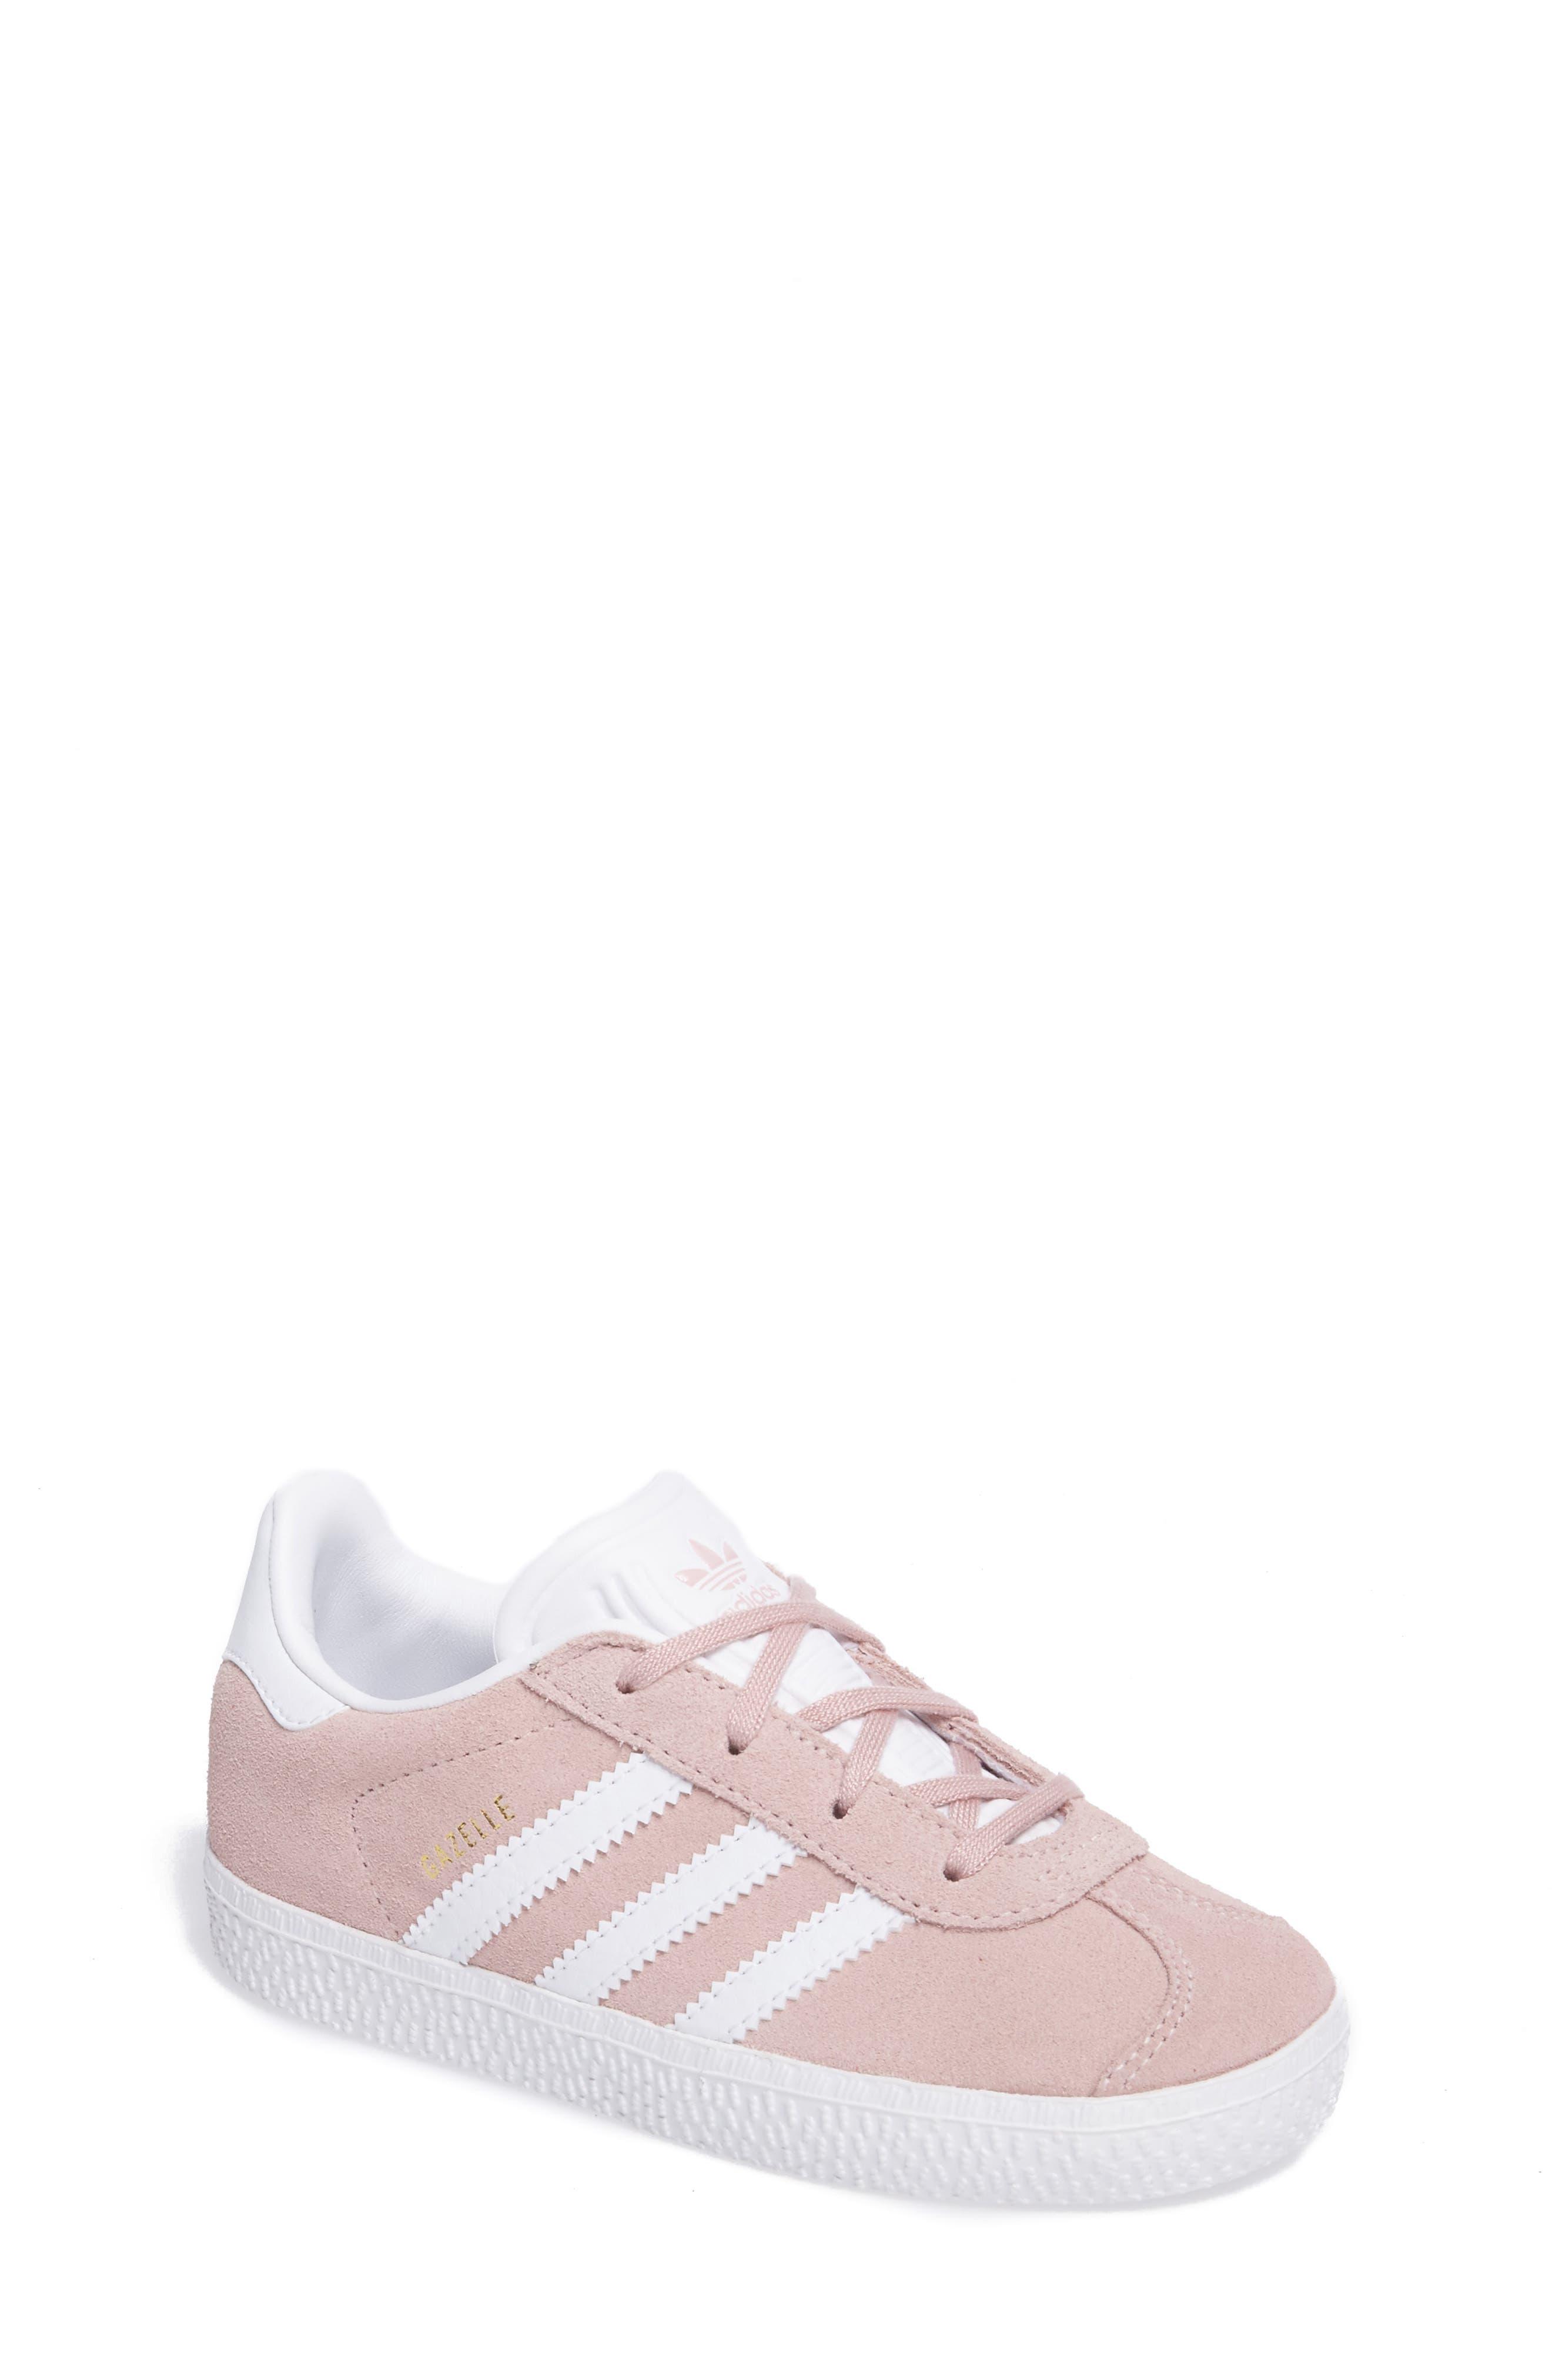 ADIDAS, Gazelle Sneaker, Main thumbnail 1, color, 682